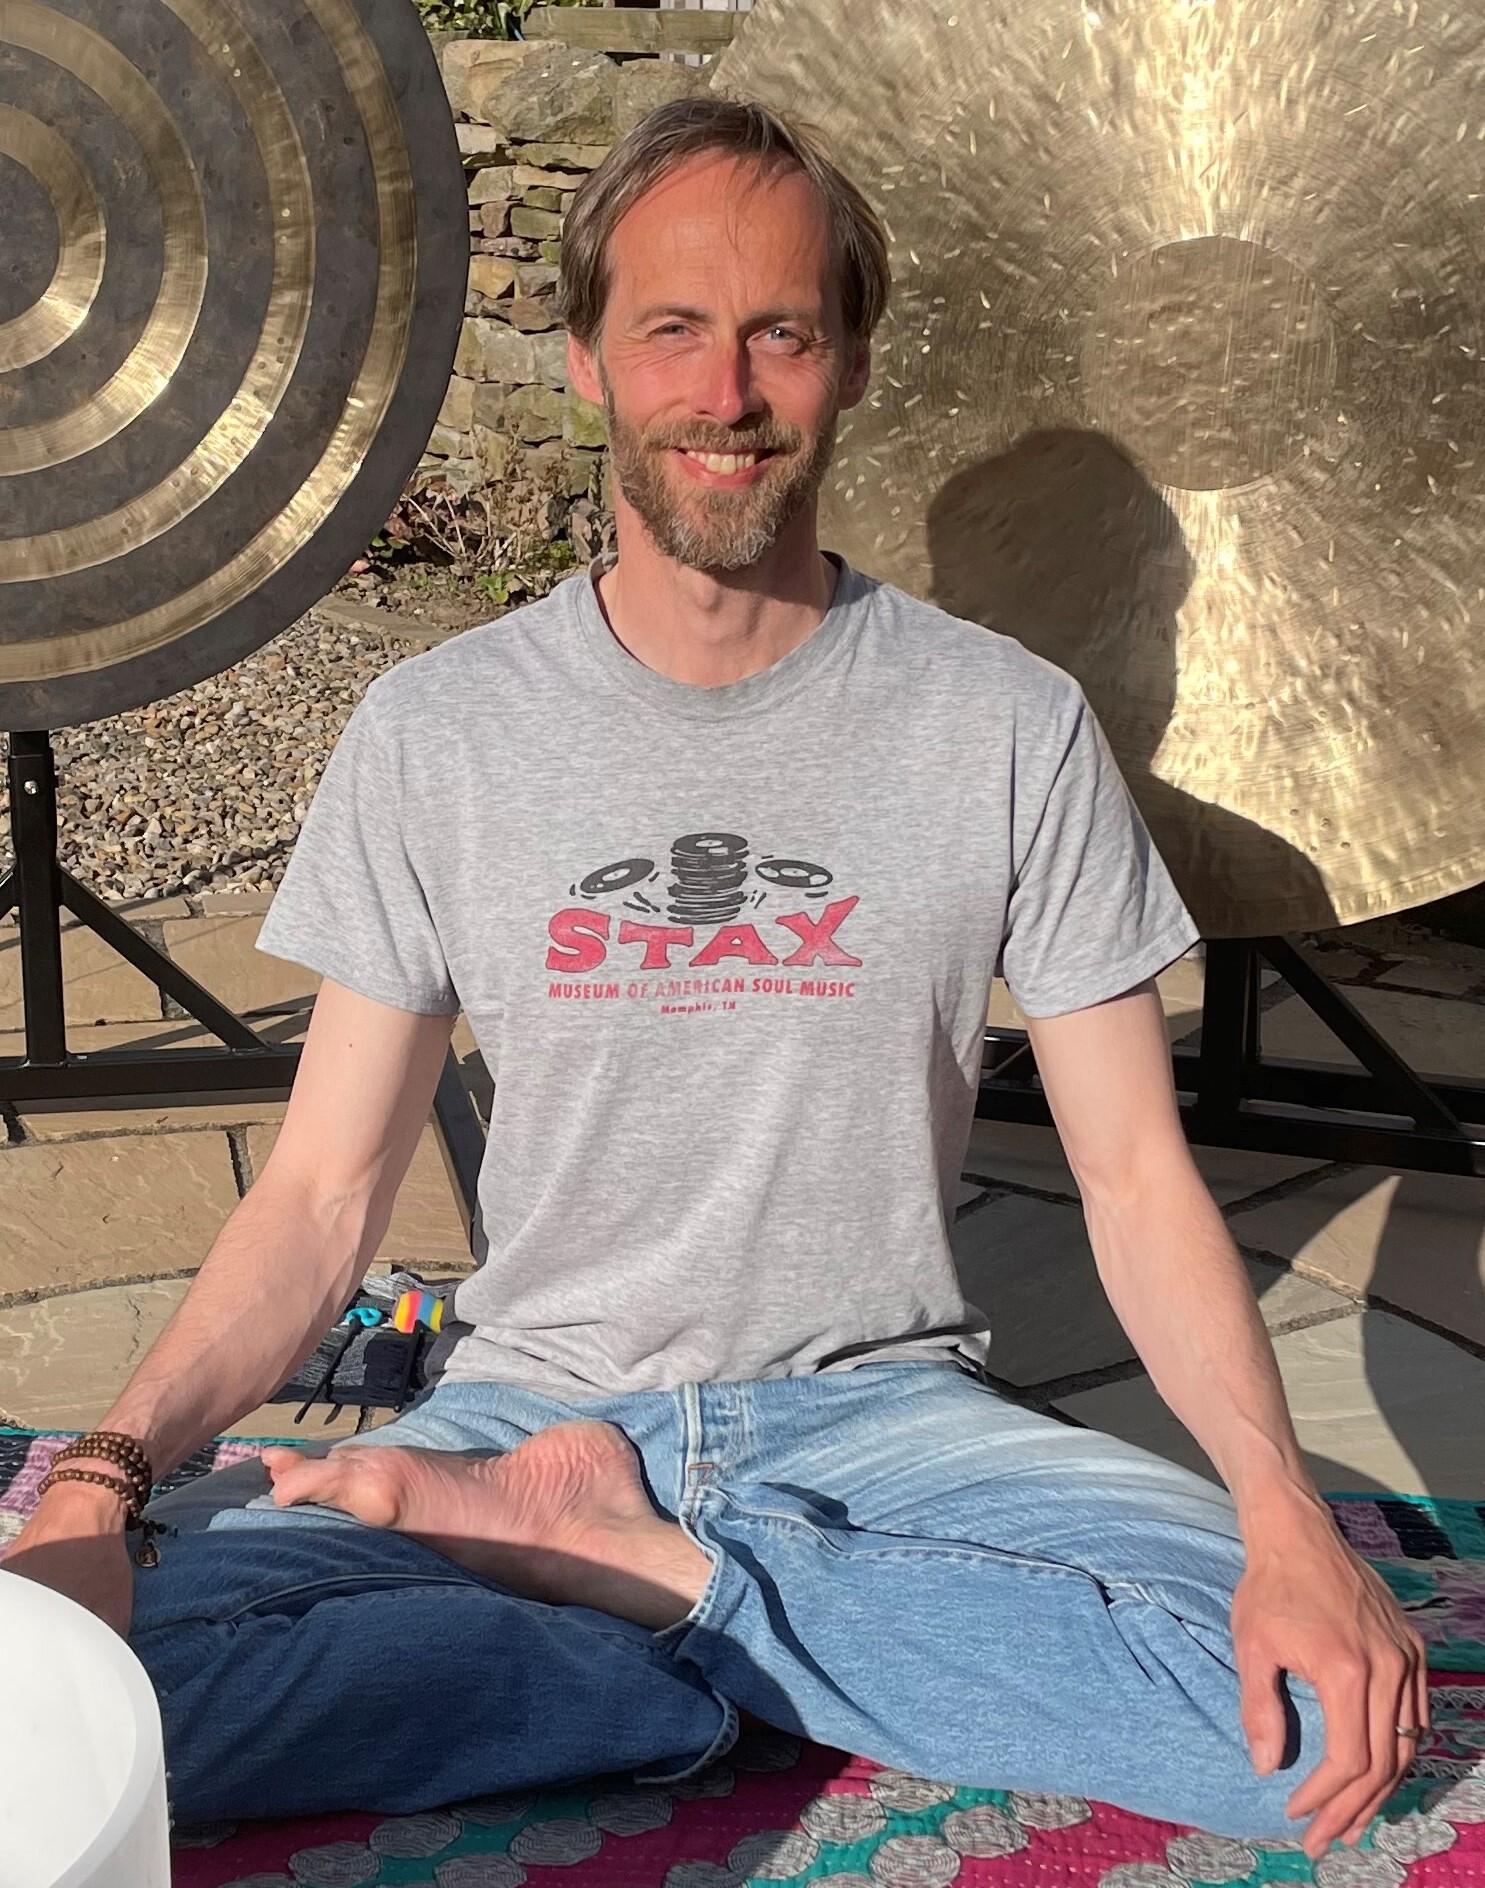 Hatha Yoga teacher at YogaSpace Yorkshire